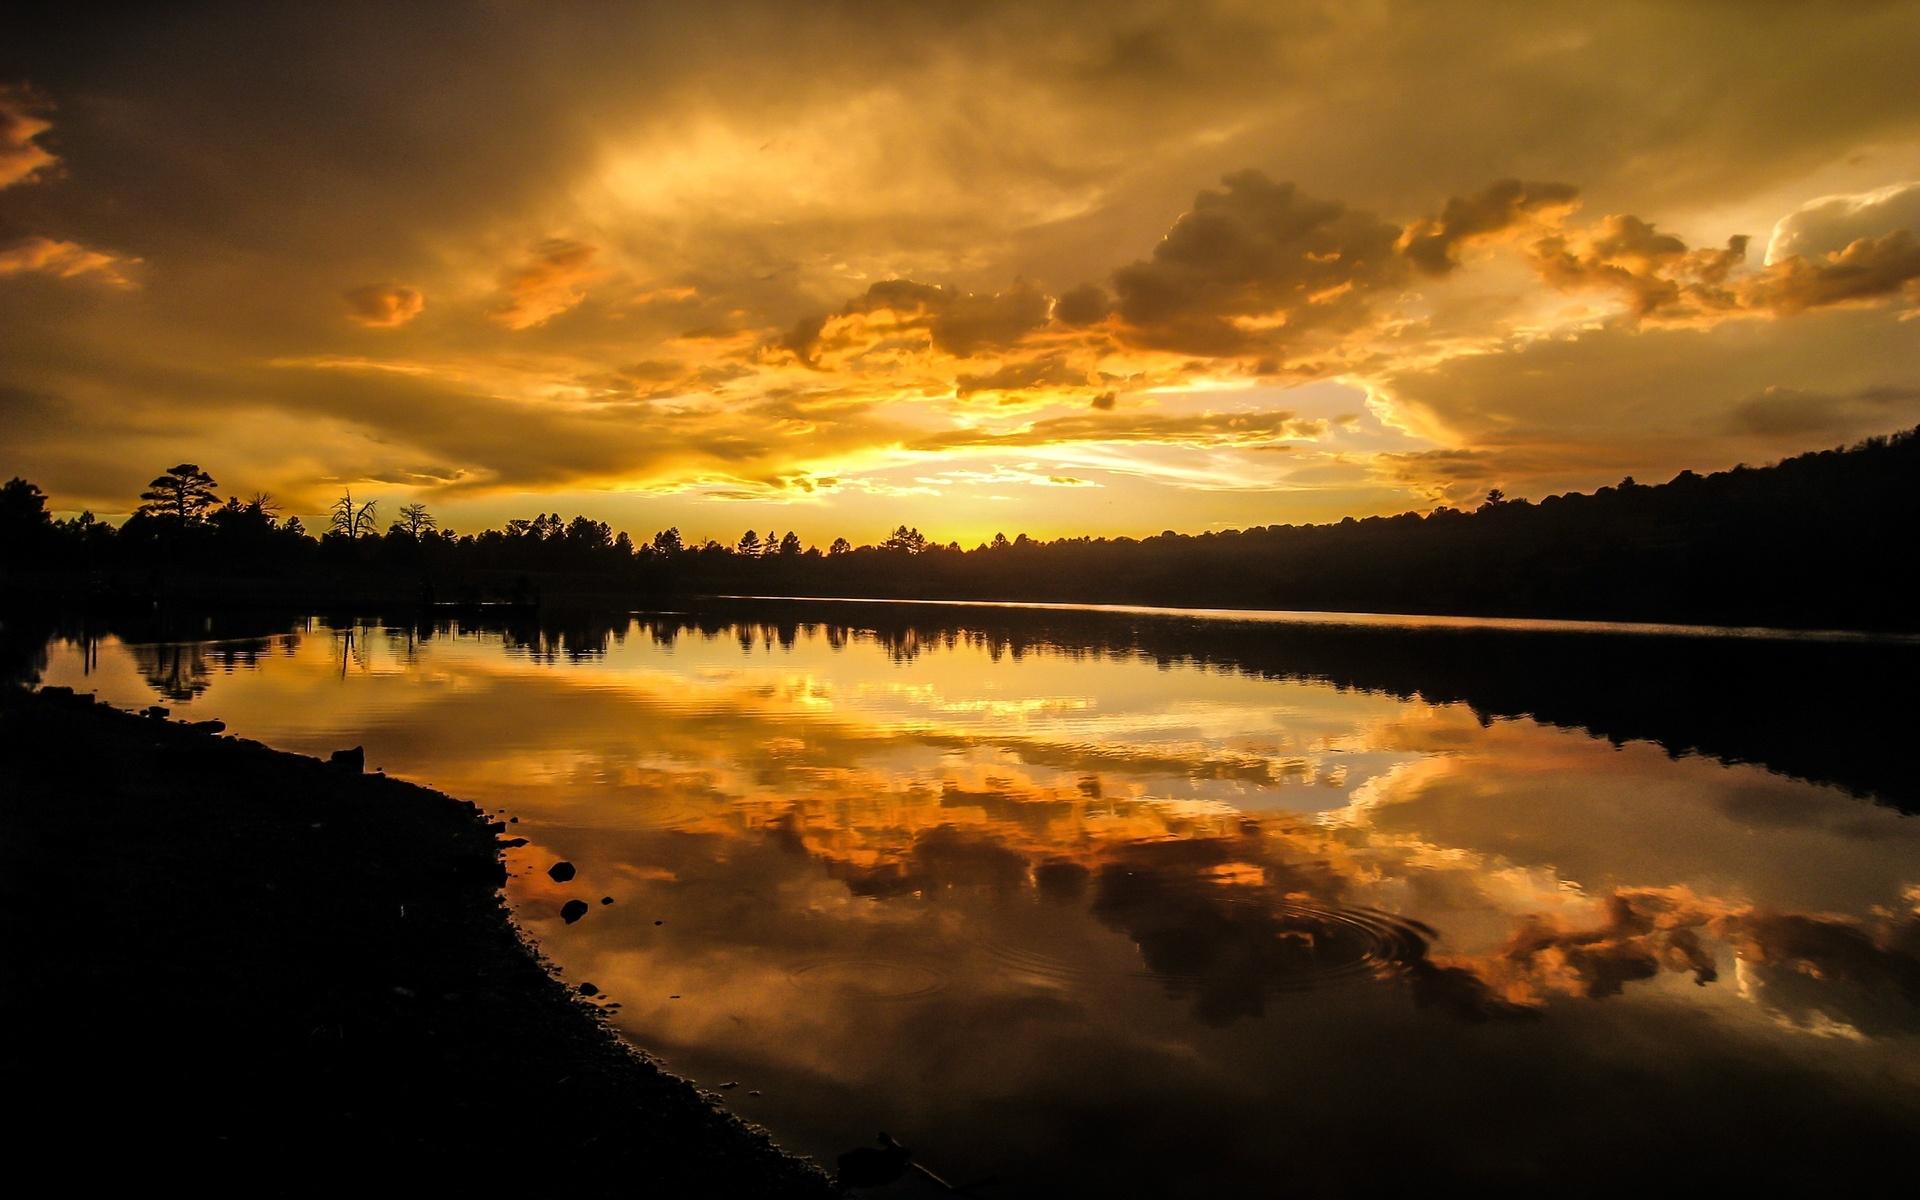 природа, озеро, зарево, лес